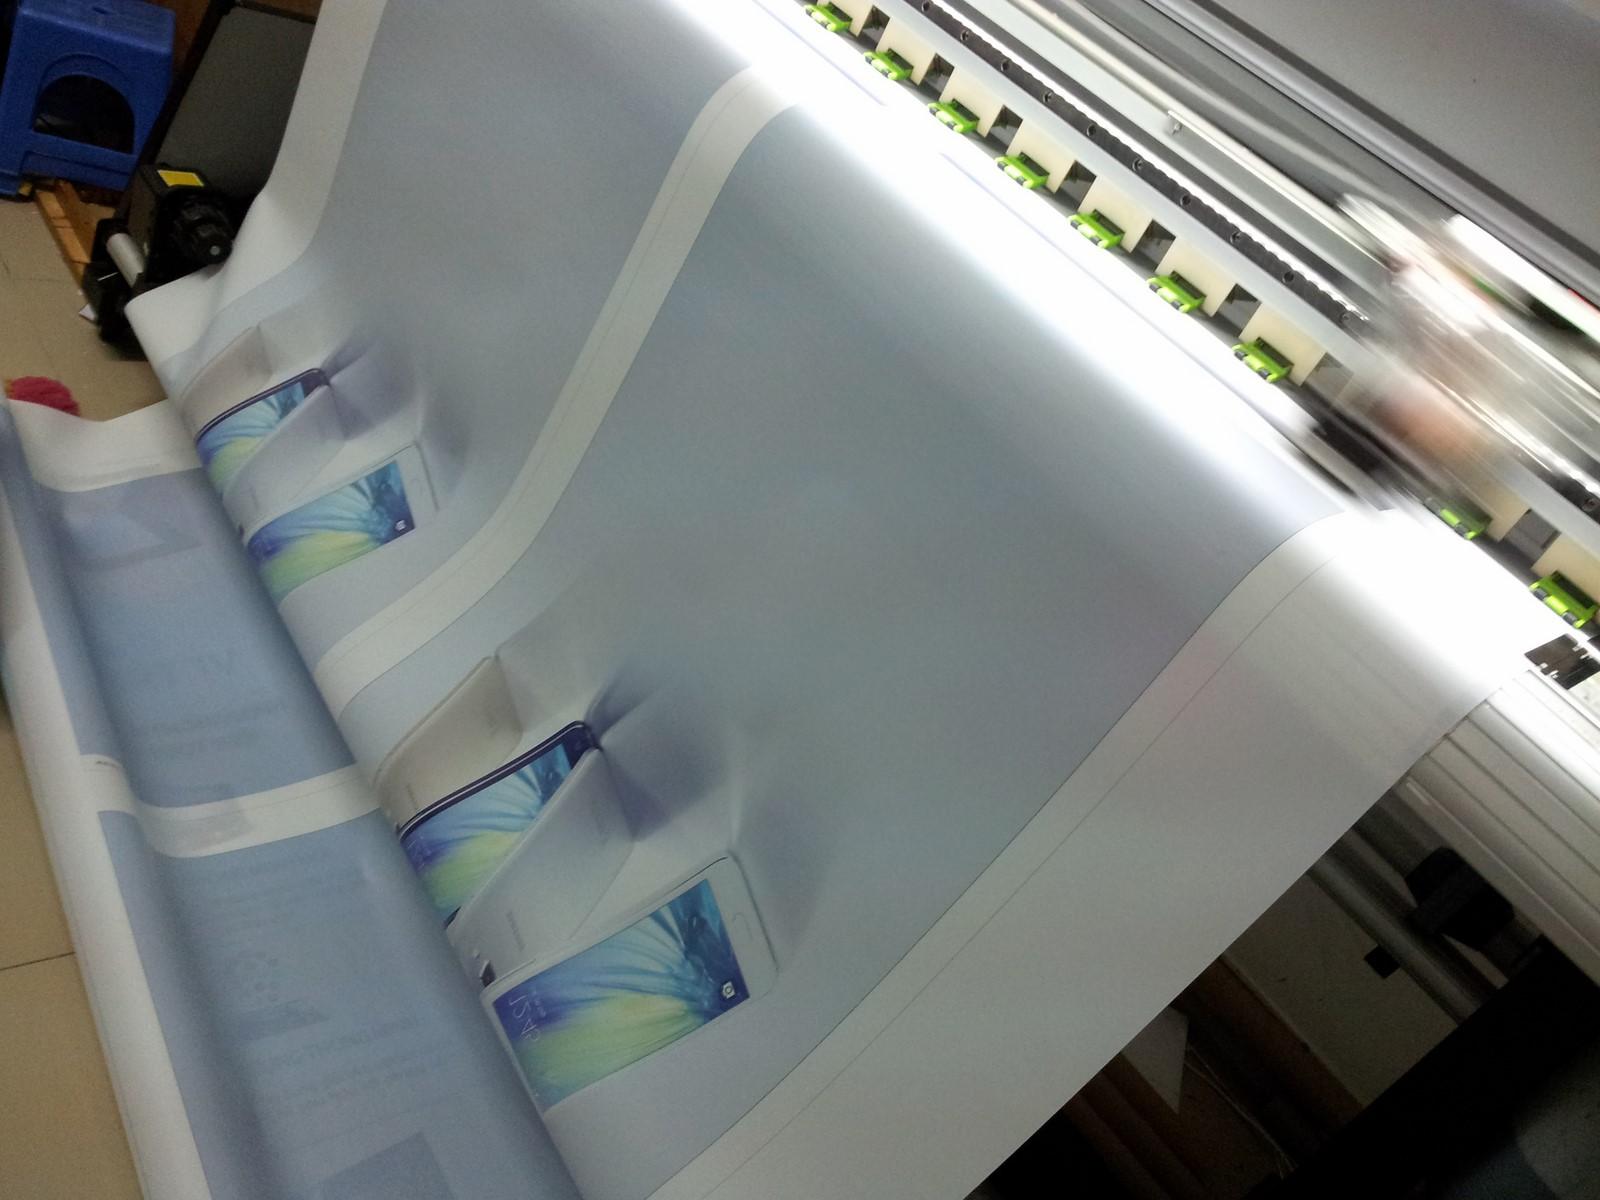 Tất cả các sản phẩm in poster đều được in bằng mực dầu hay mực nước trên máy in khổ lớn, chất lượng cao cho hình ảnh sắc nét, trung thực